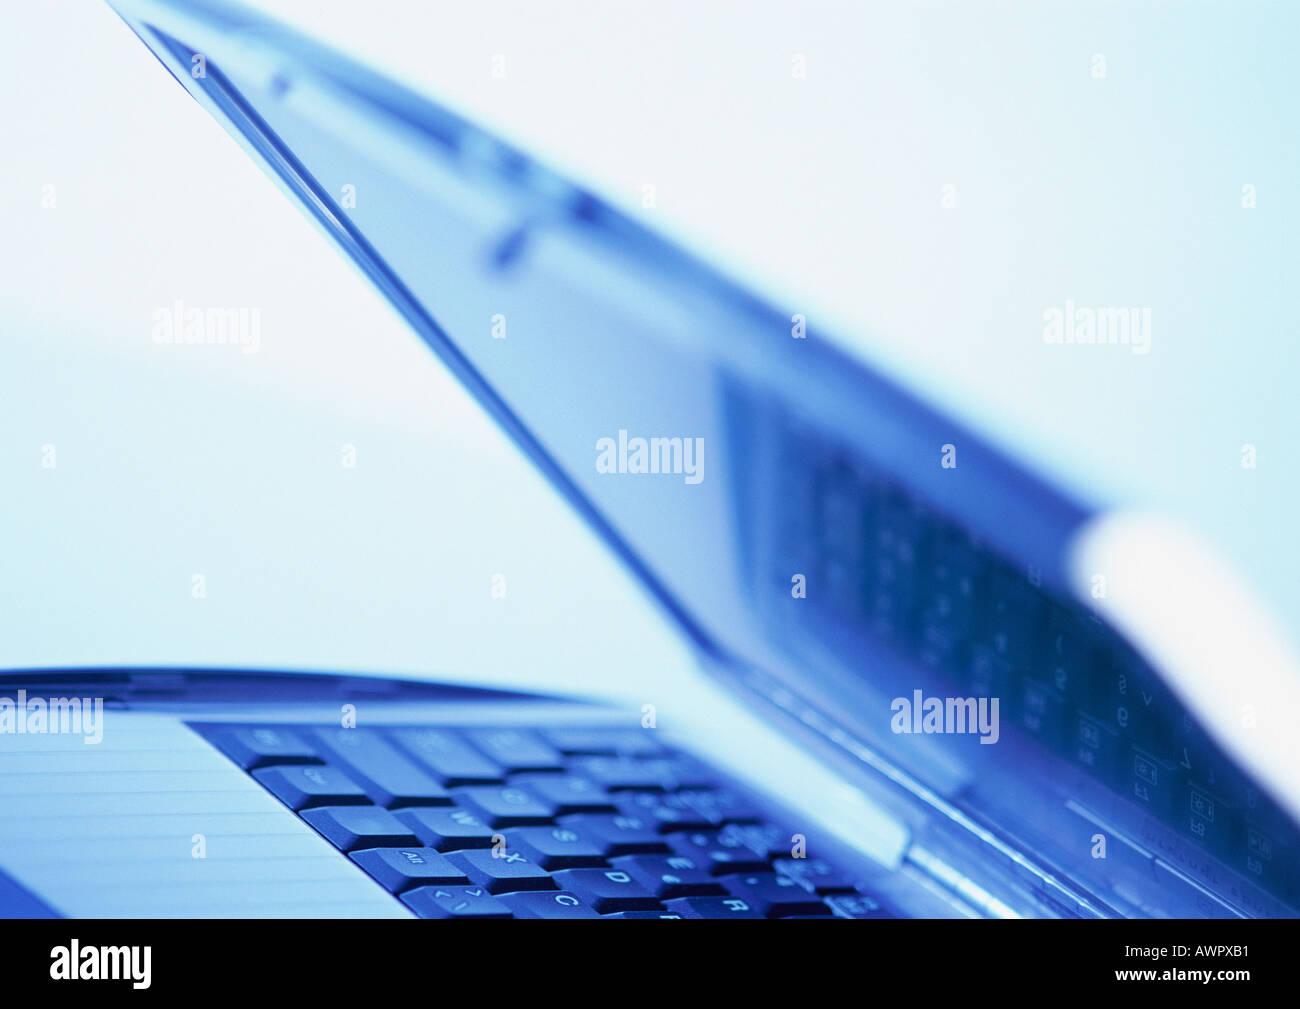 Laptop, close-up - Stock Image